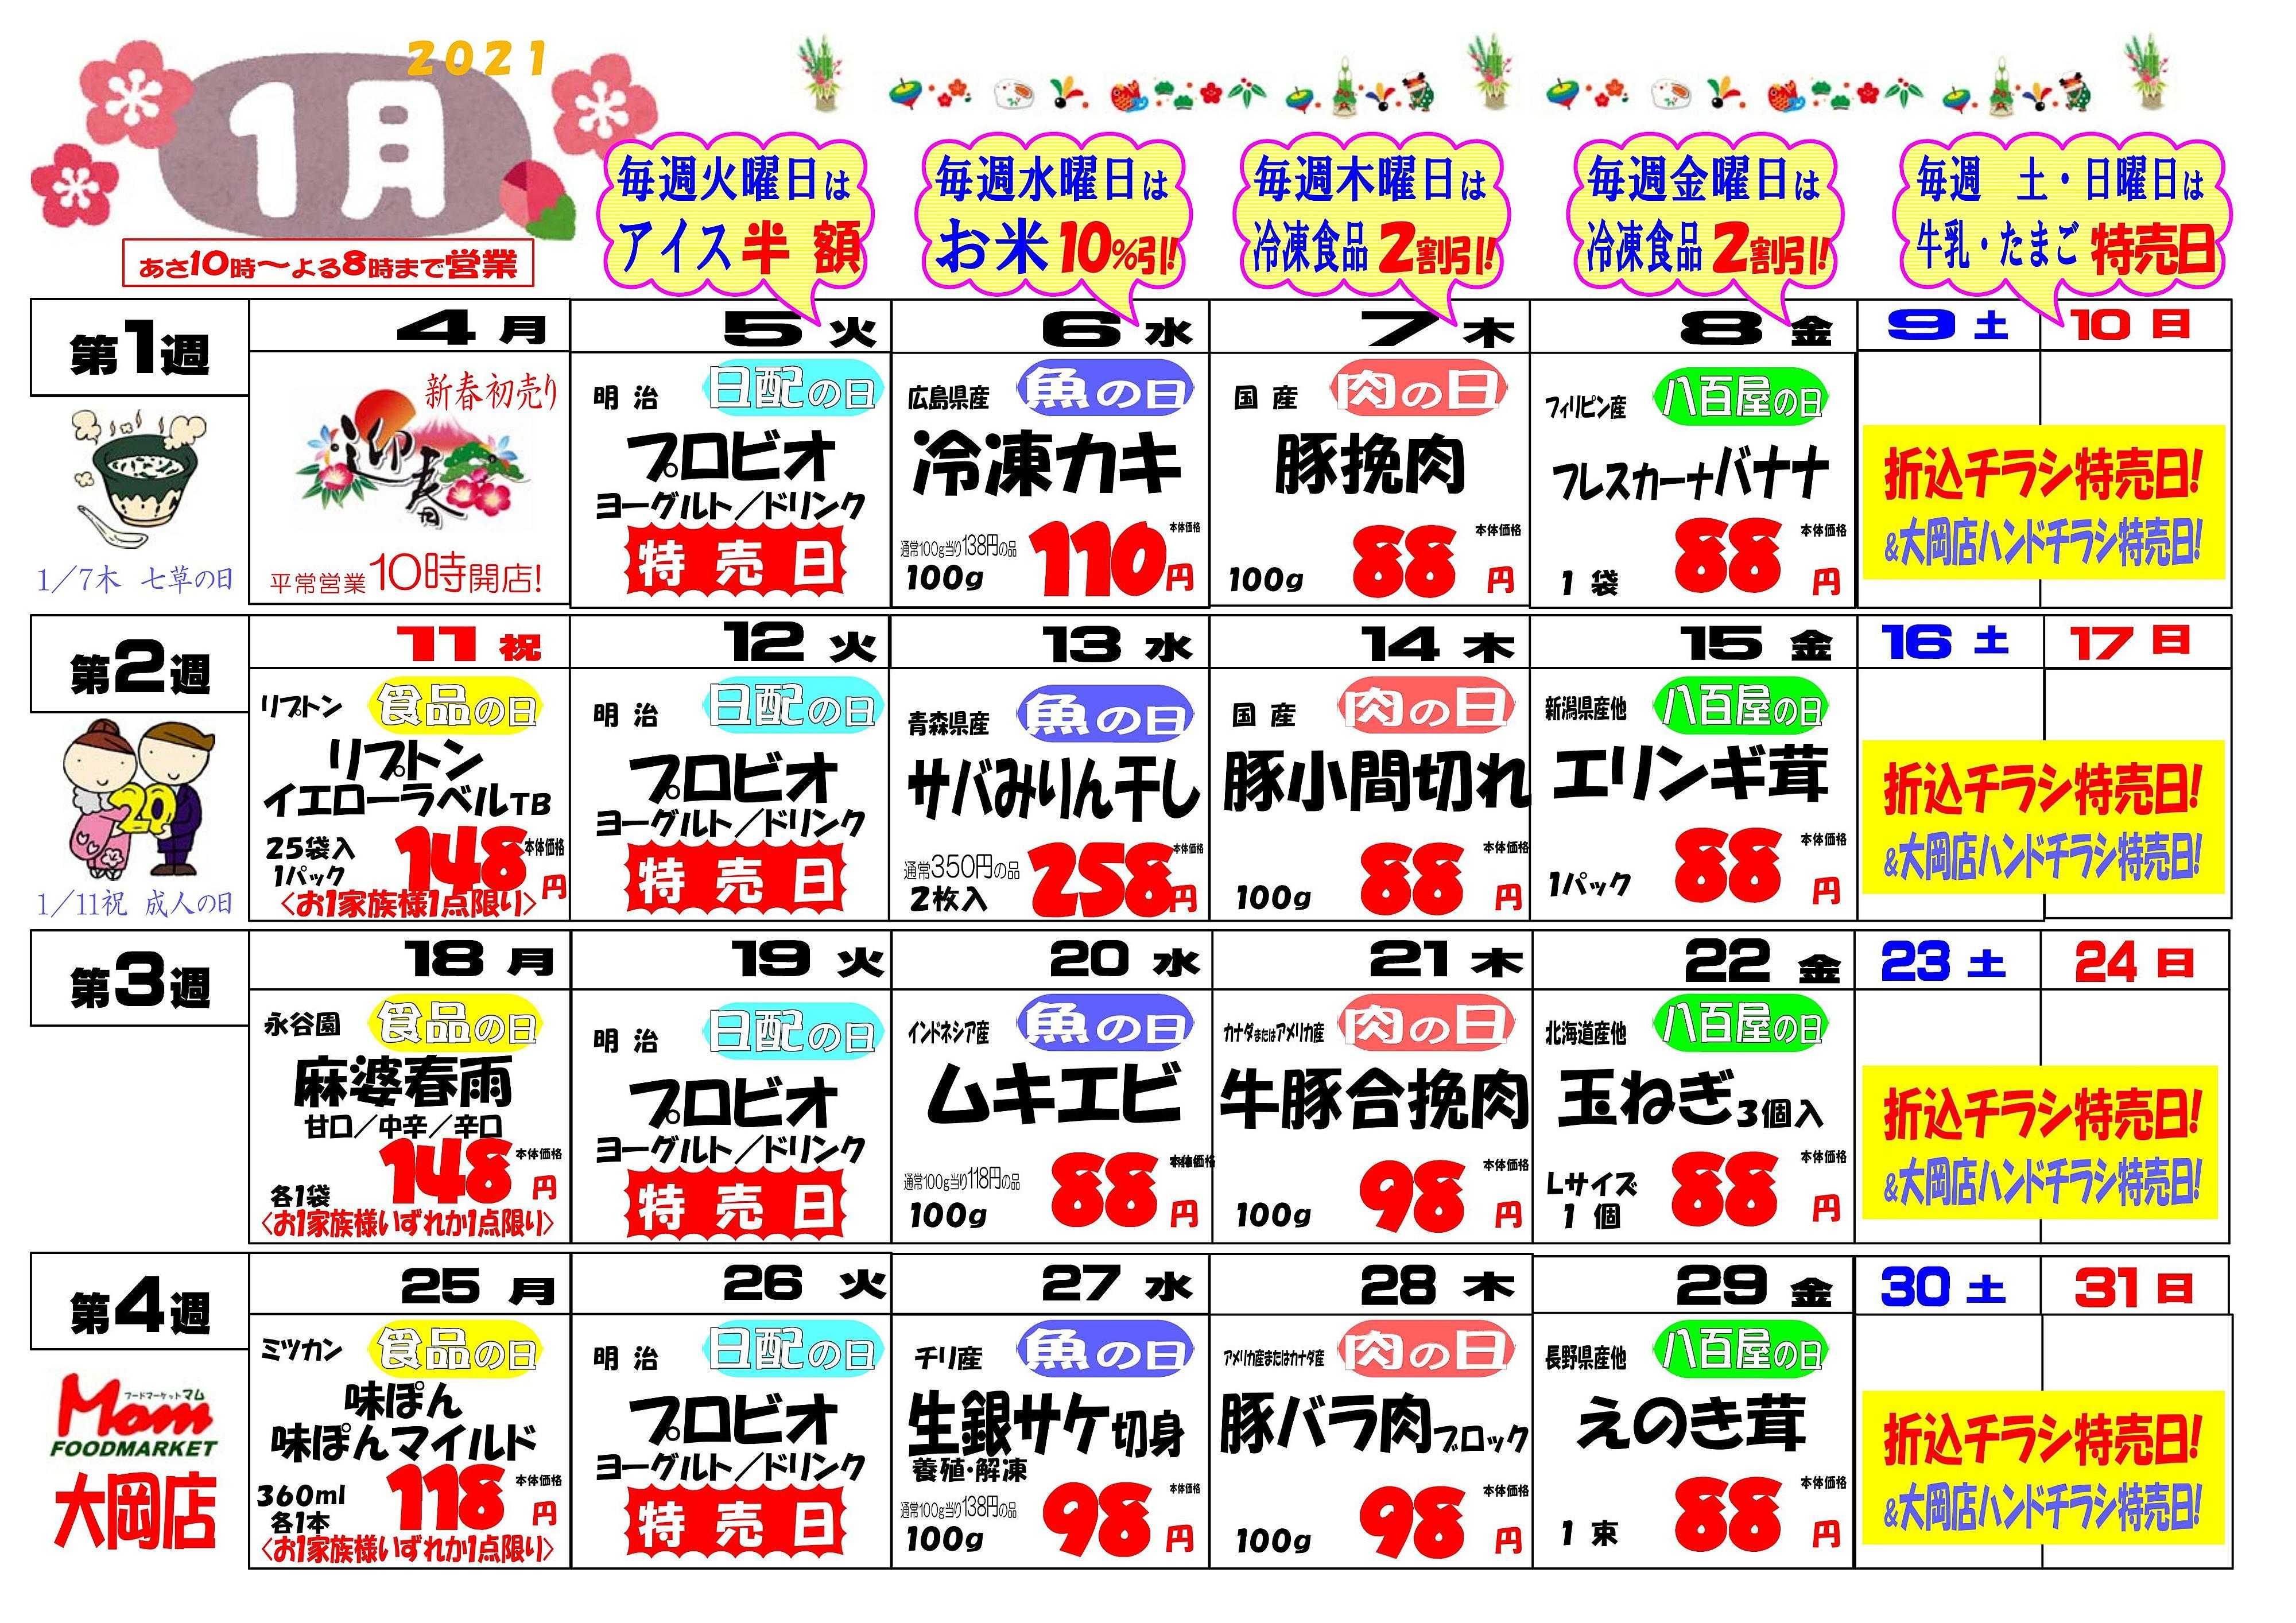 フードマーケット マム 大岡店 1月カレンダー